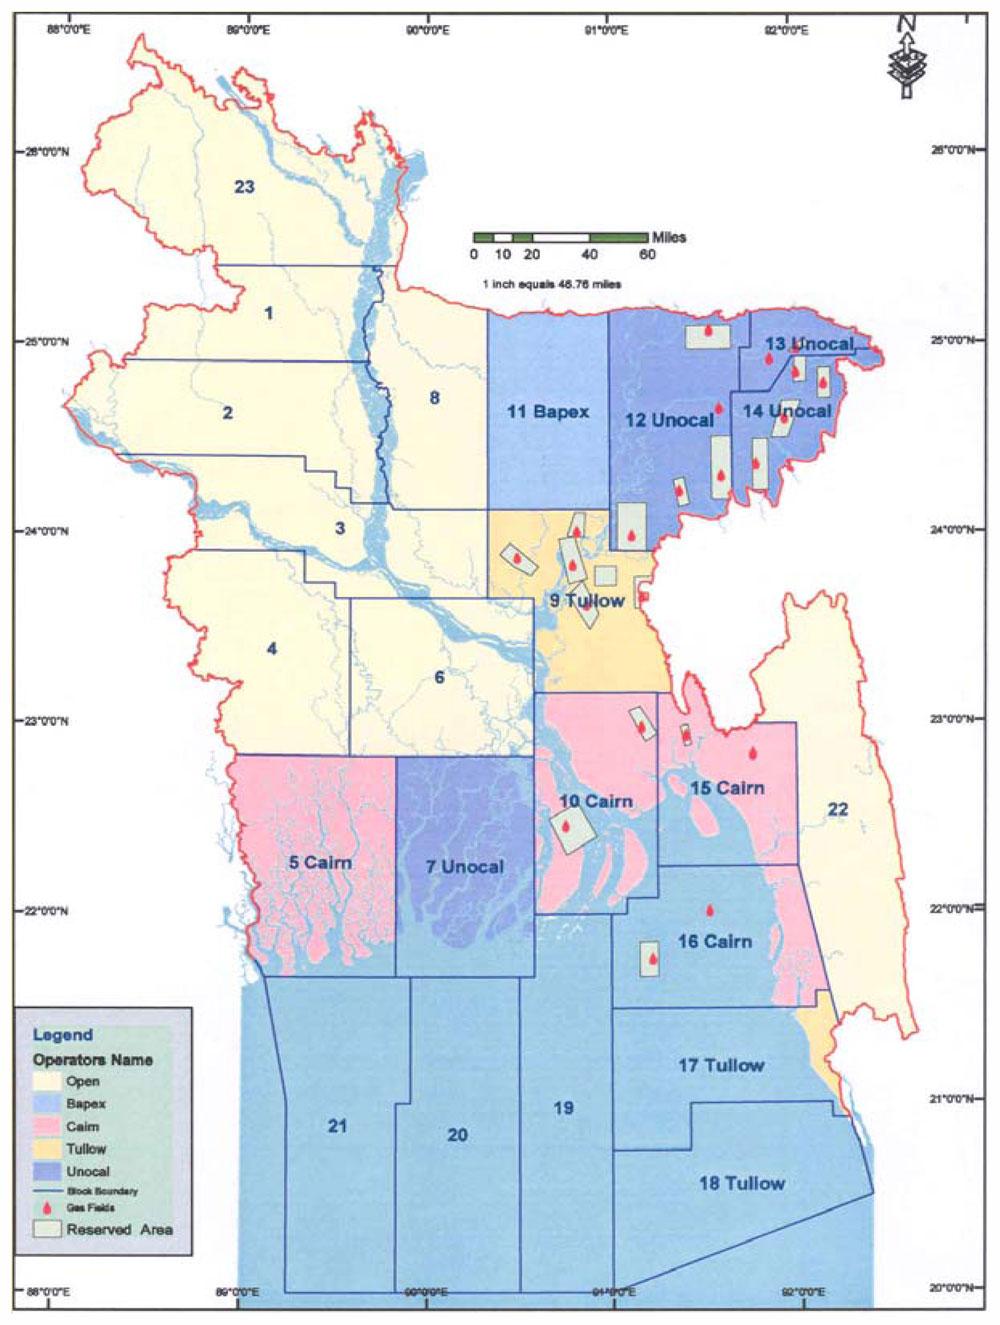 Gas Blocks Map Bangladesh (1989)